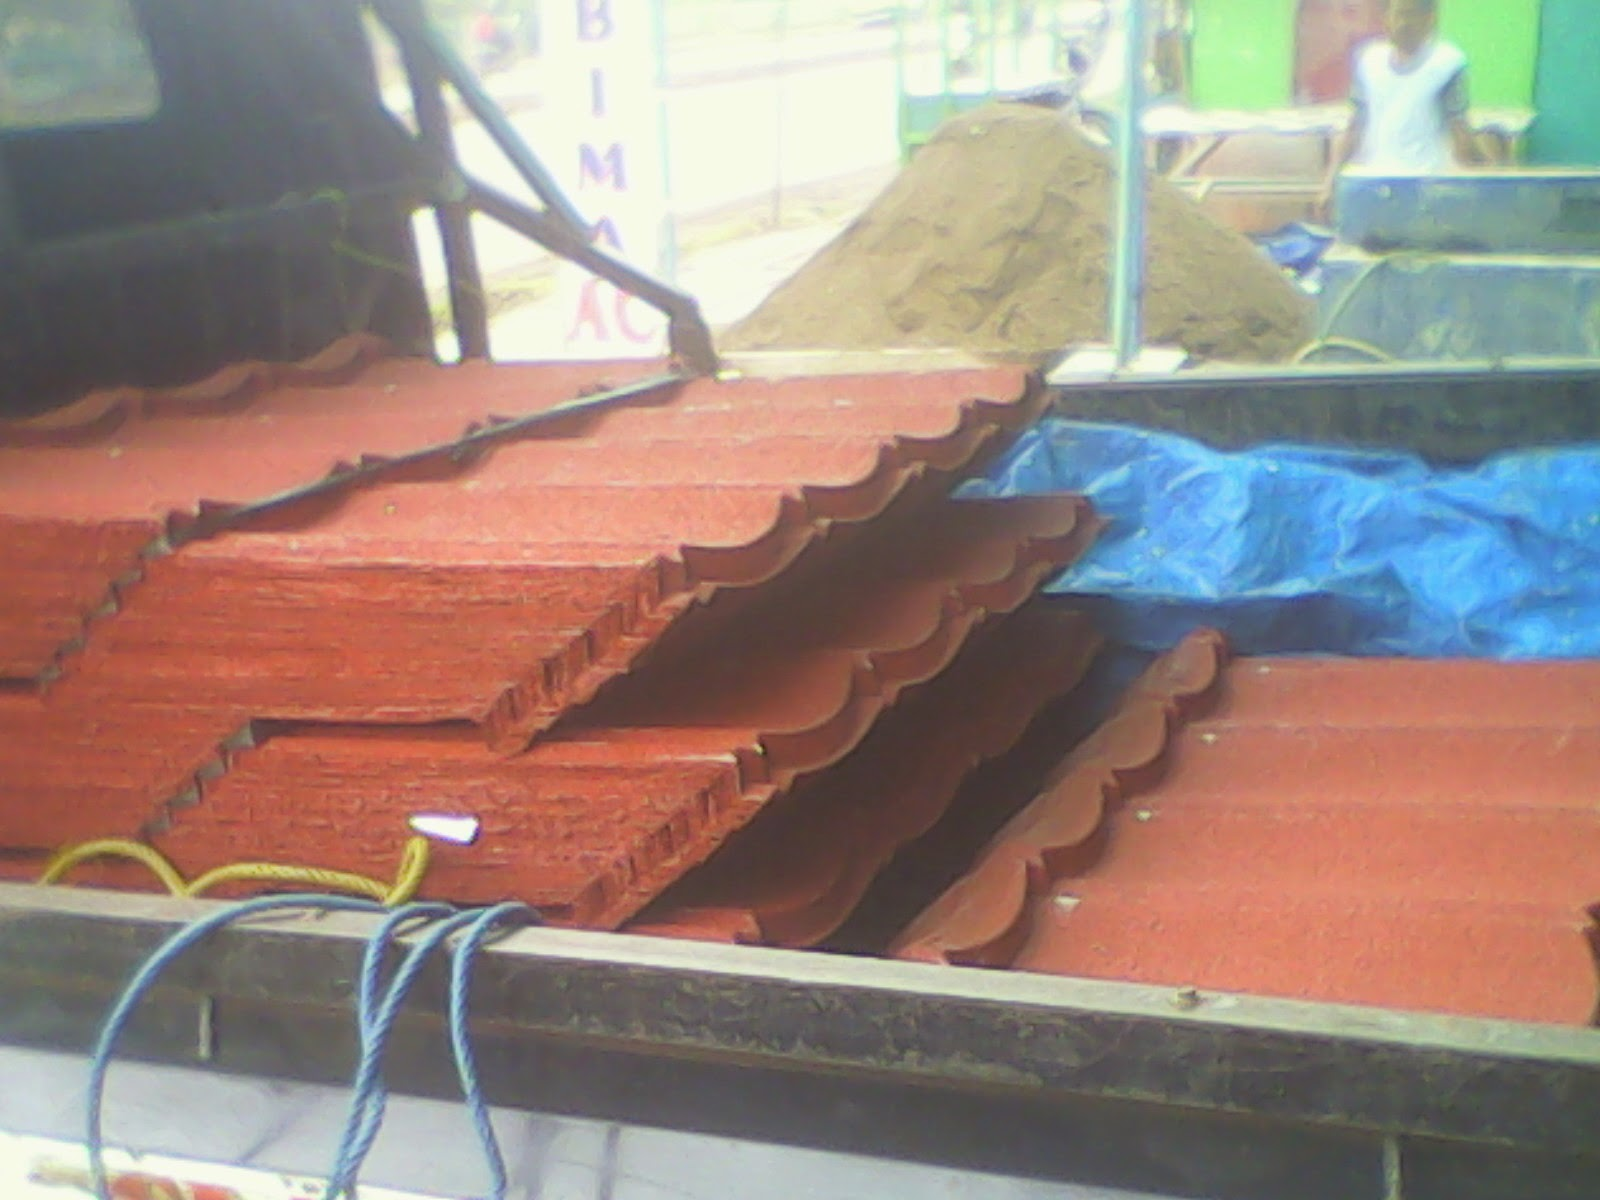 harga atap baja ringan di indramayu genteng metal dan rangka murah